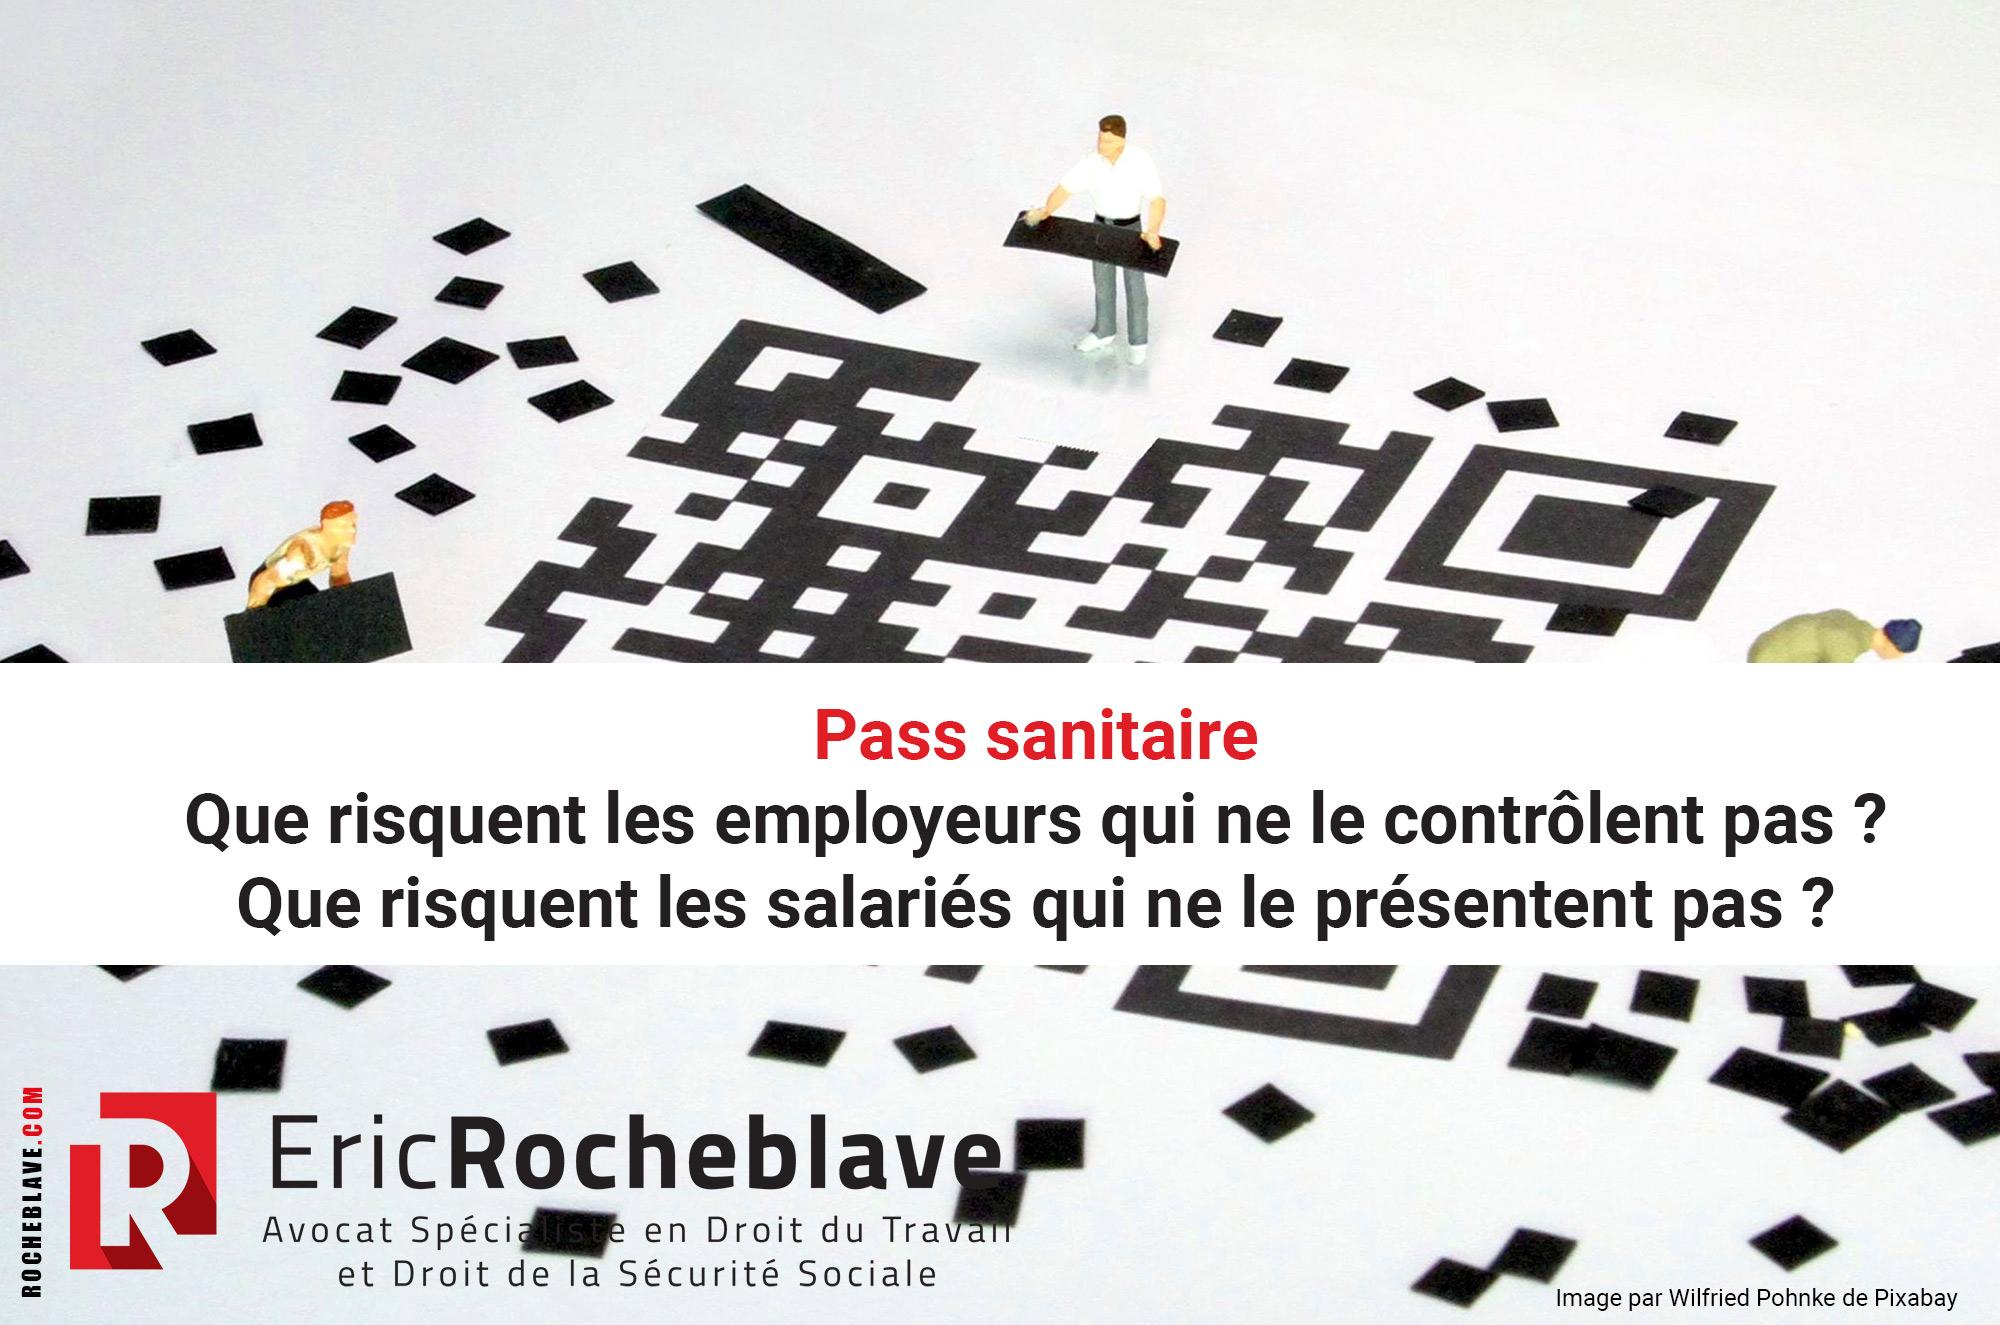 Pass sanitaire : Que risquent les employeurs qui ne le contrôlent pas ? Que risquent les salariés qui ne le présentent pas ?